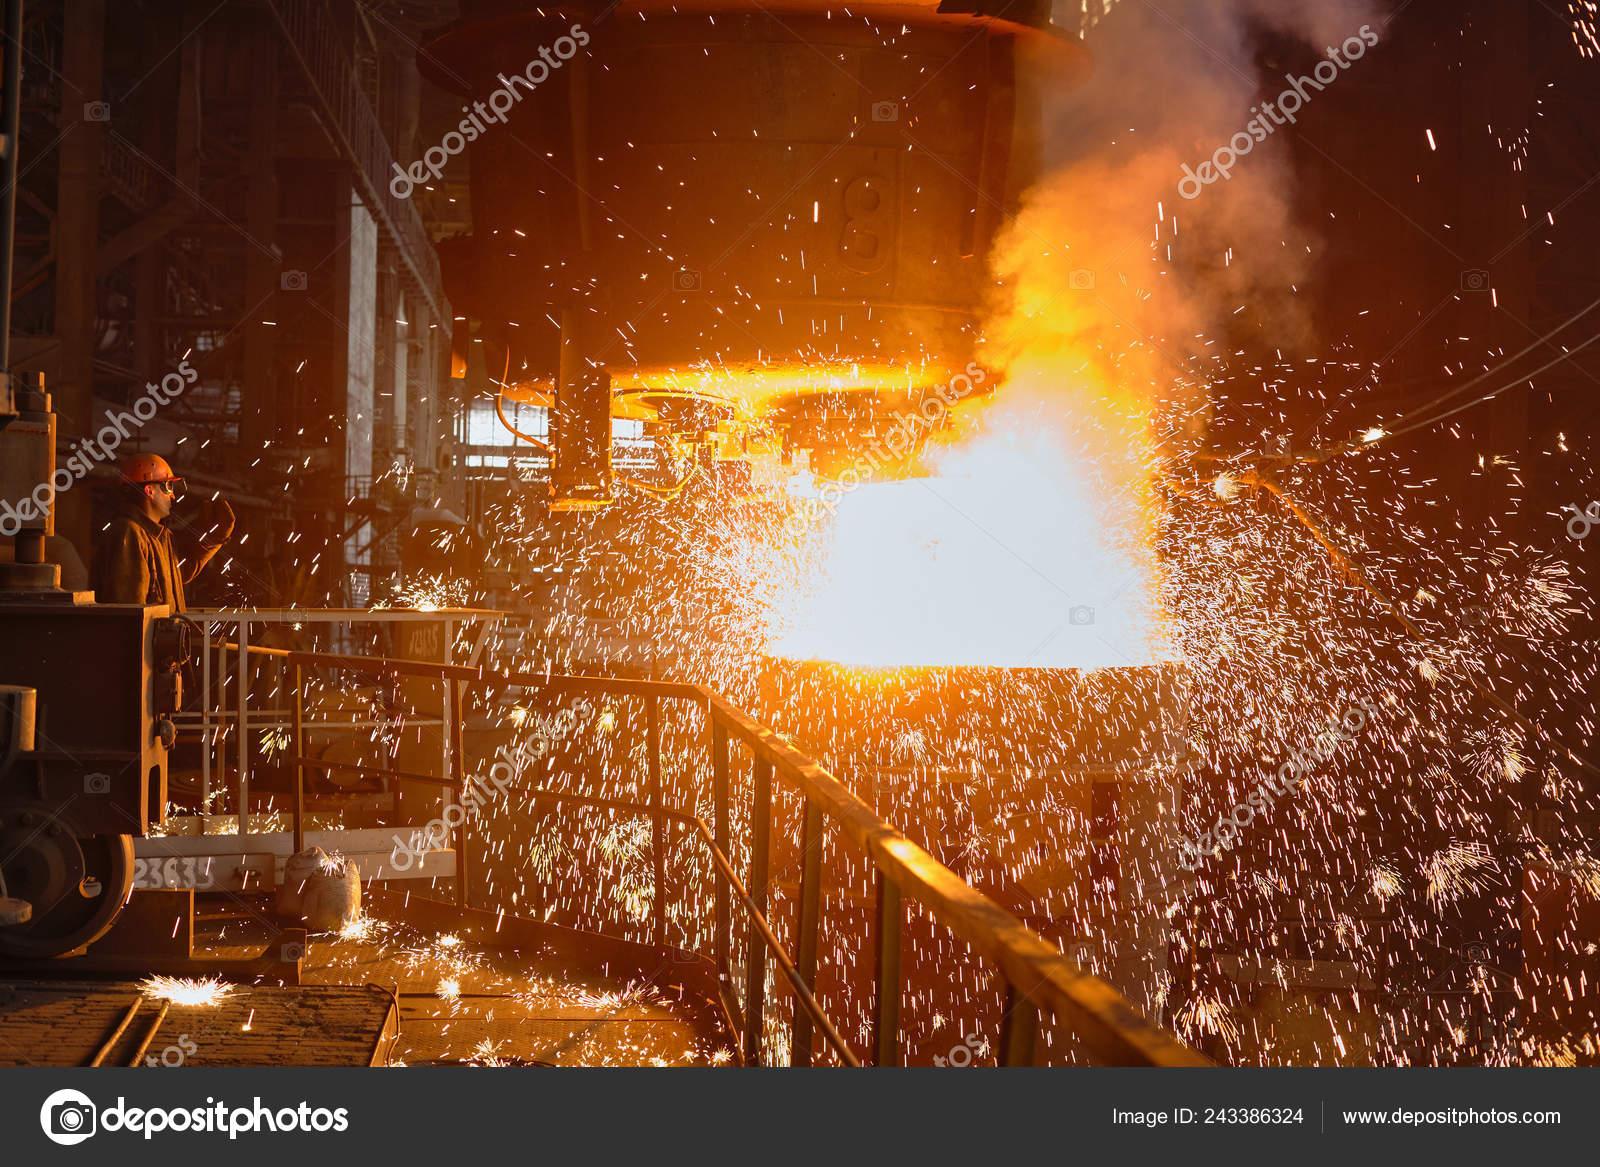 читал дефекты сталеплавильного производства картинки сразу отметить, что